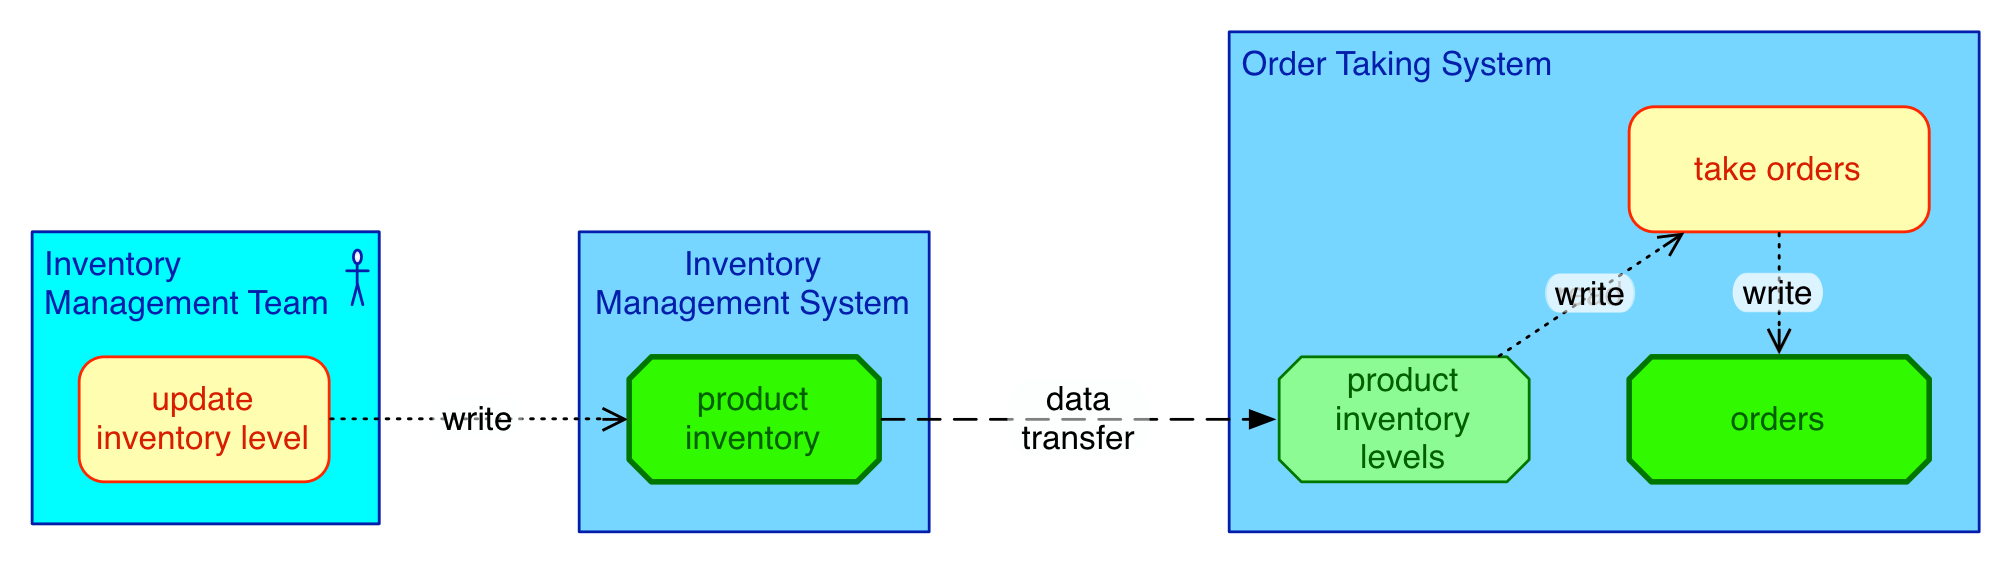 data_transfer_extended